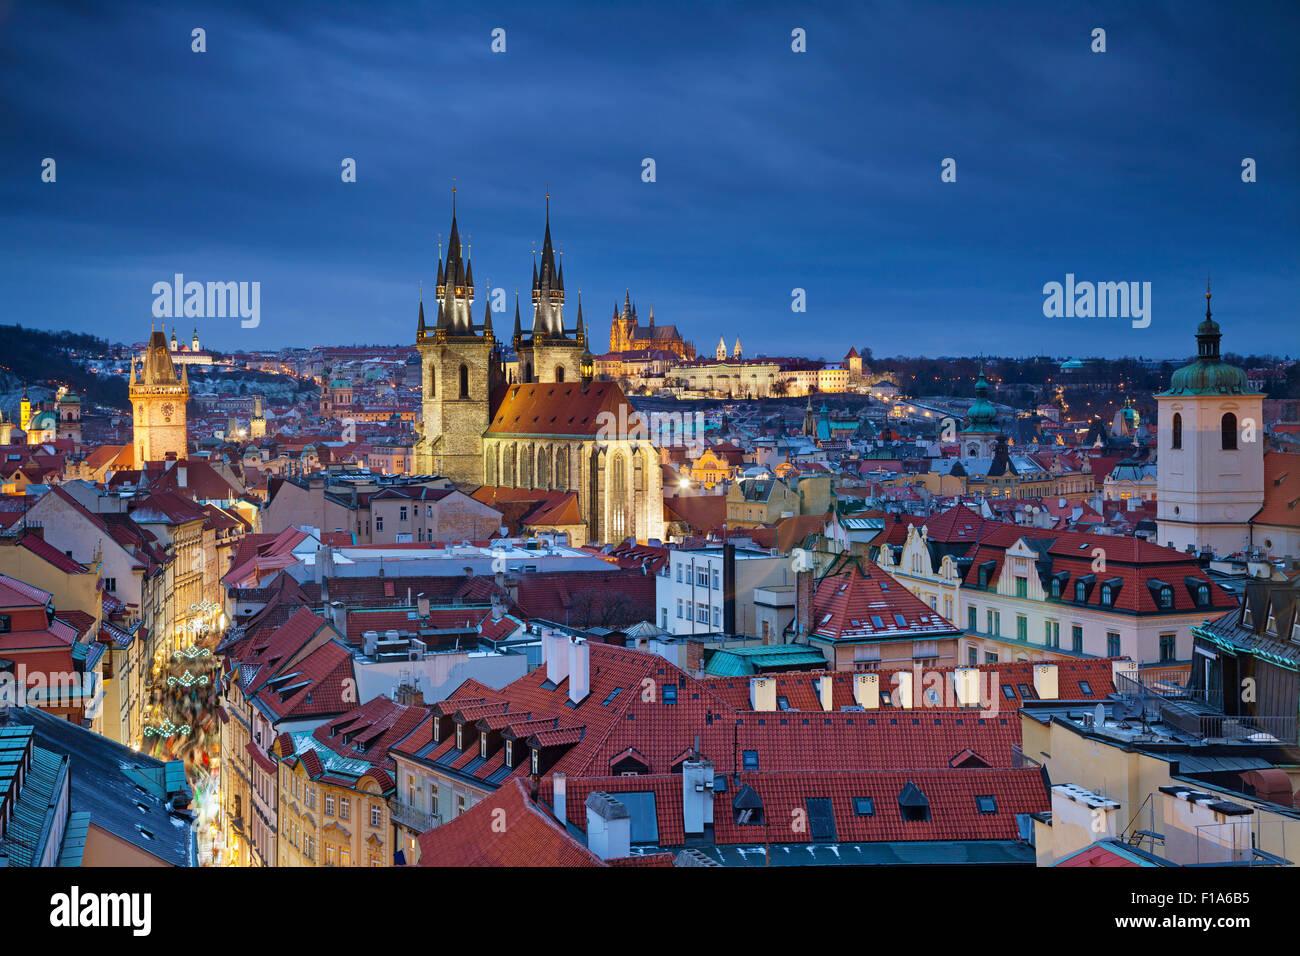 Prague. Image de Prague, capitale de la République tchèque, pendant le crépuscule heure bleue. Photo Stock